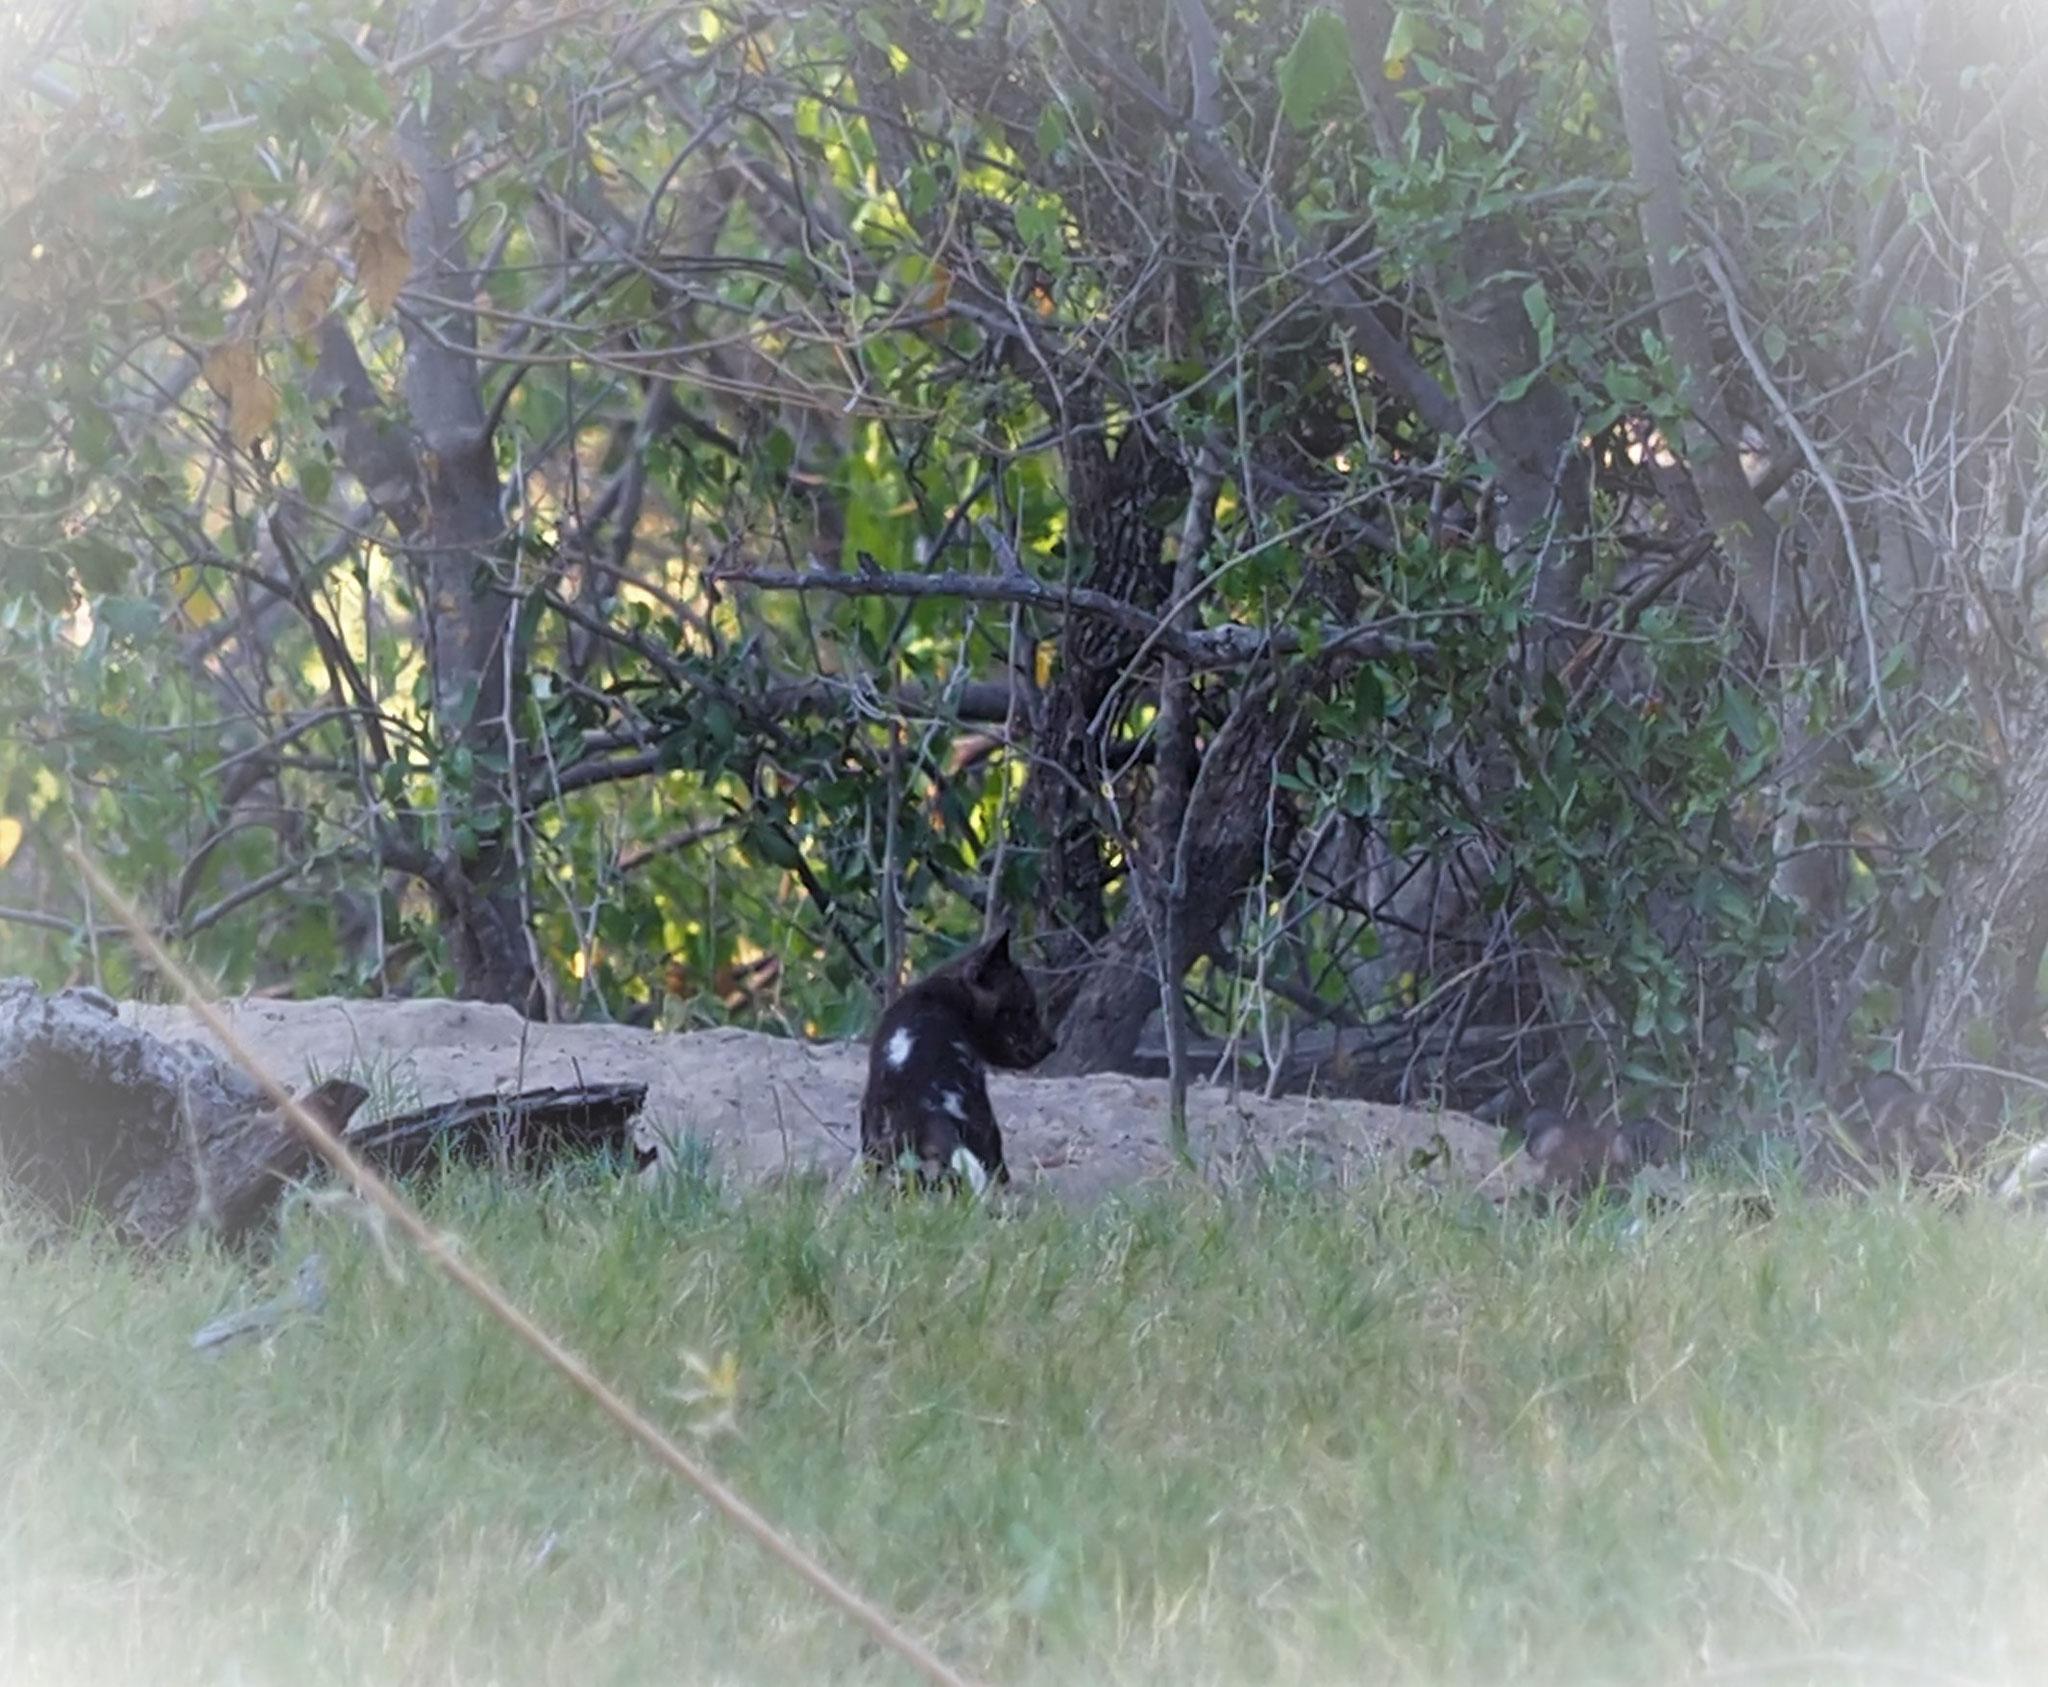 selten zu sehen, junge Wildhunde